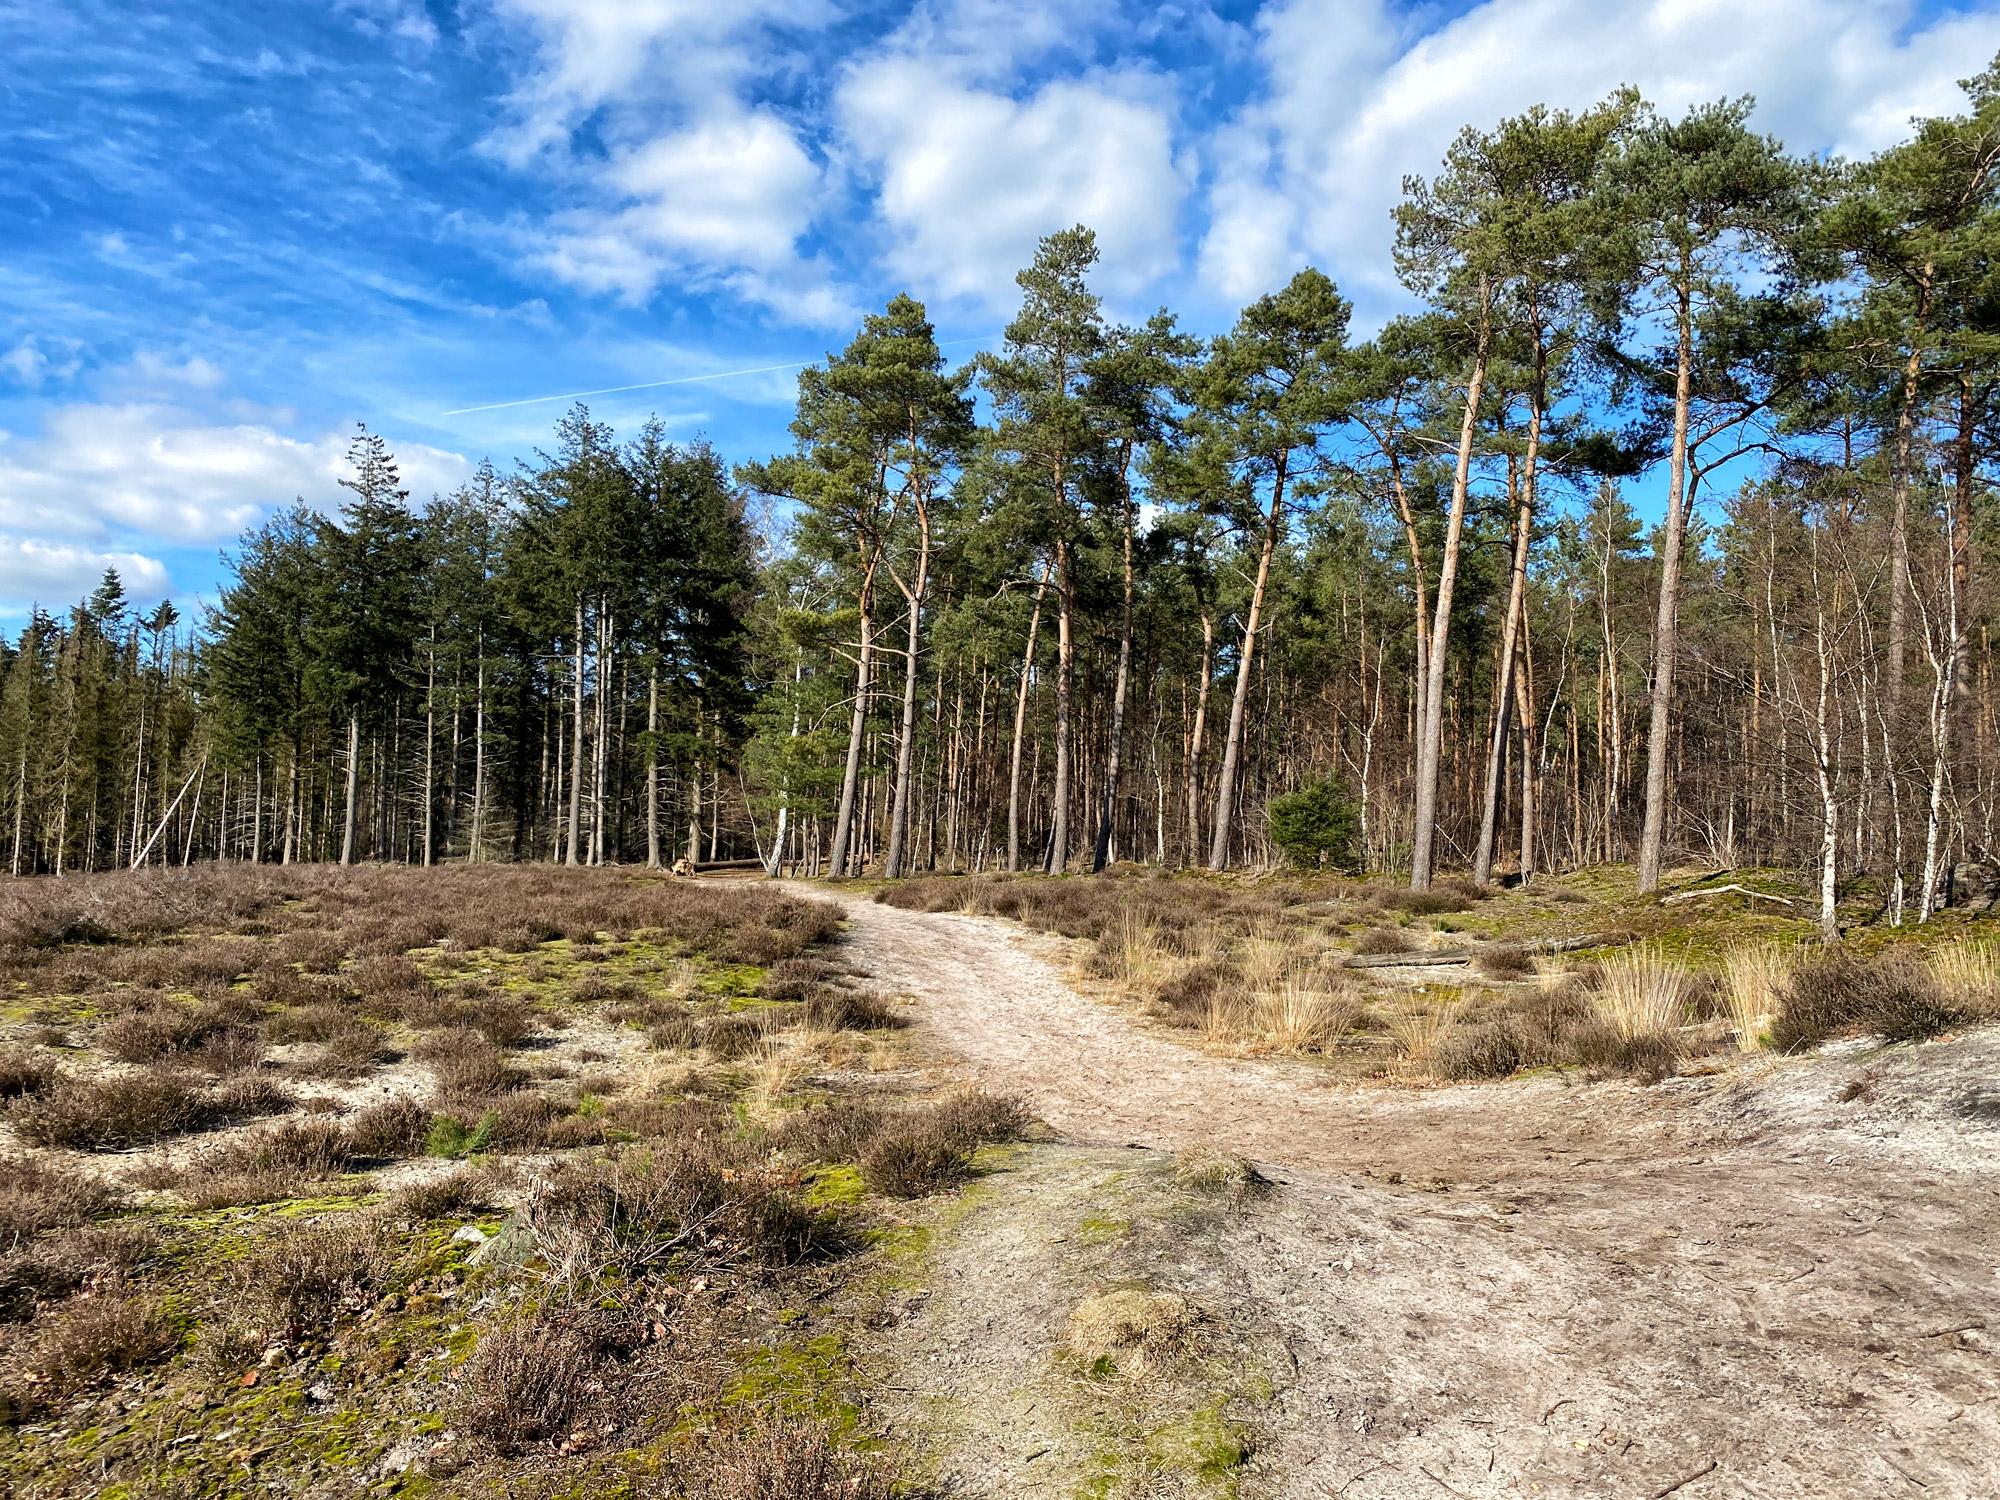 Wandelen in Noord-Brabant: Langs de vennen van de Stiphoutse Bossen